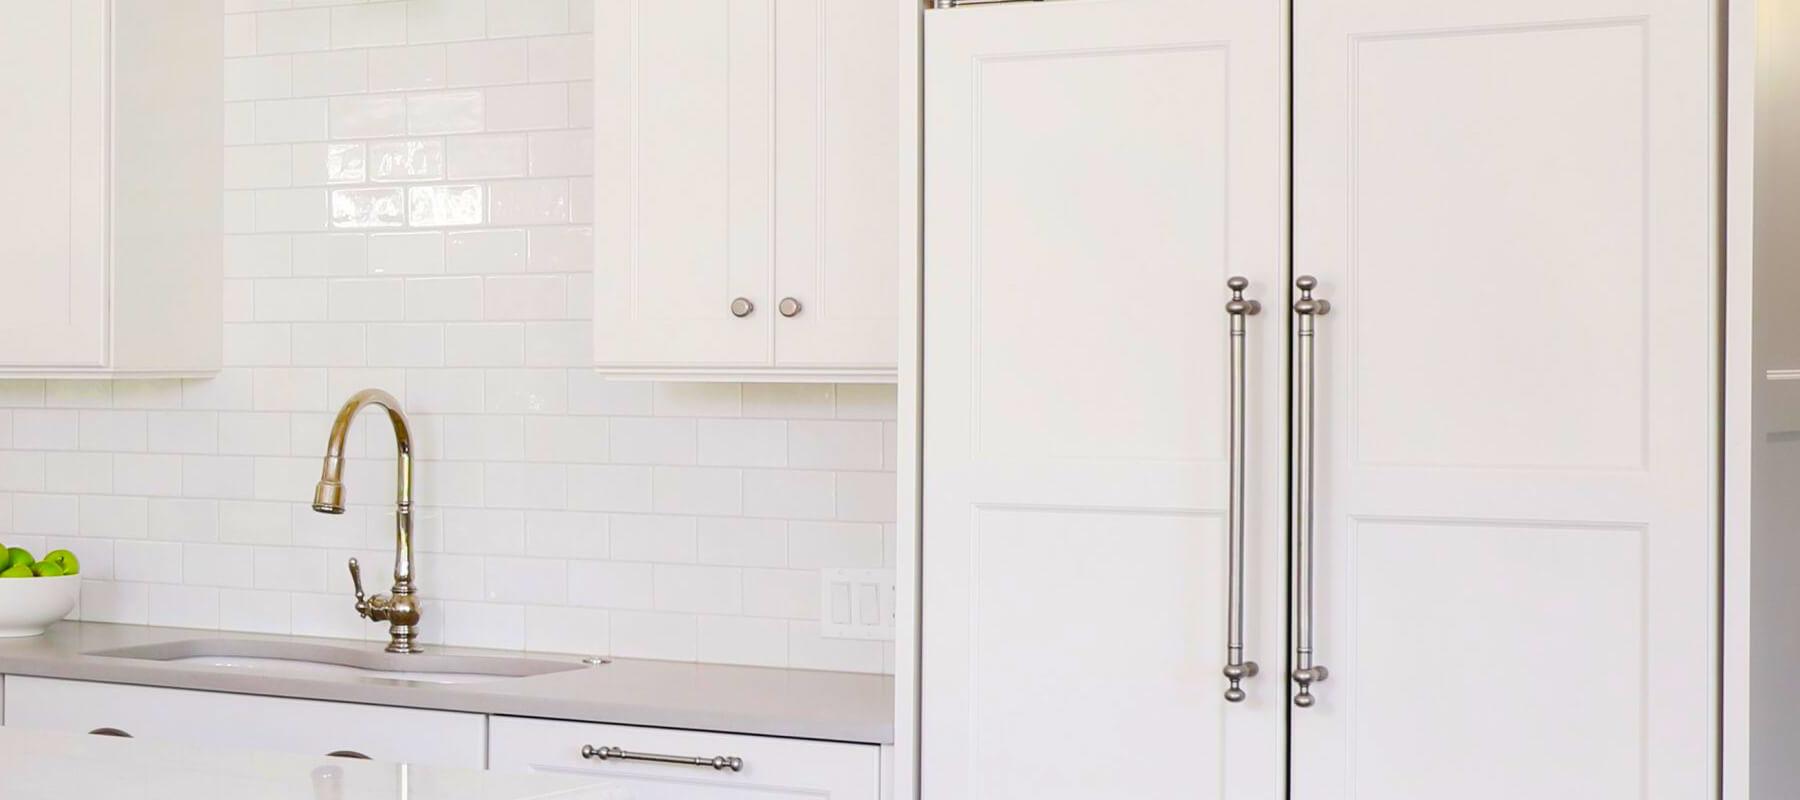 Built in Counter Depth Refrigerator Long Beach | Built-in Refrigerator Repair